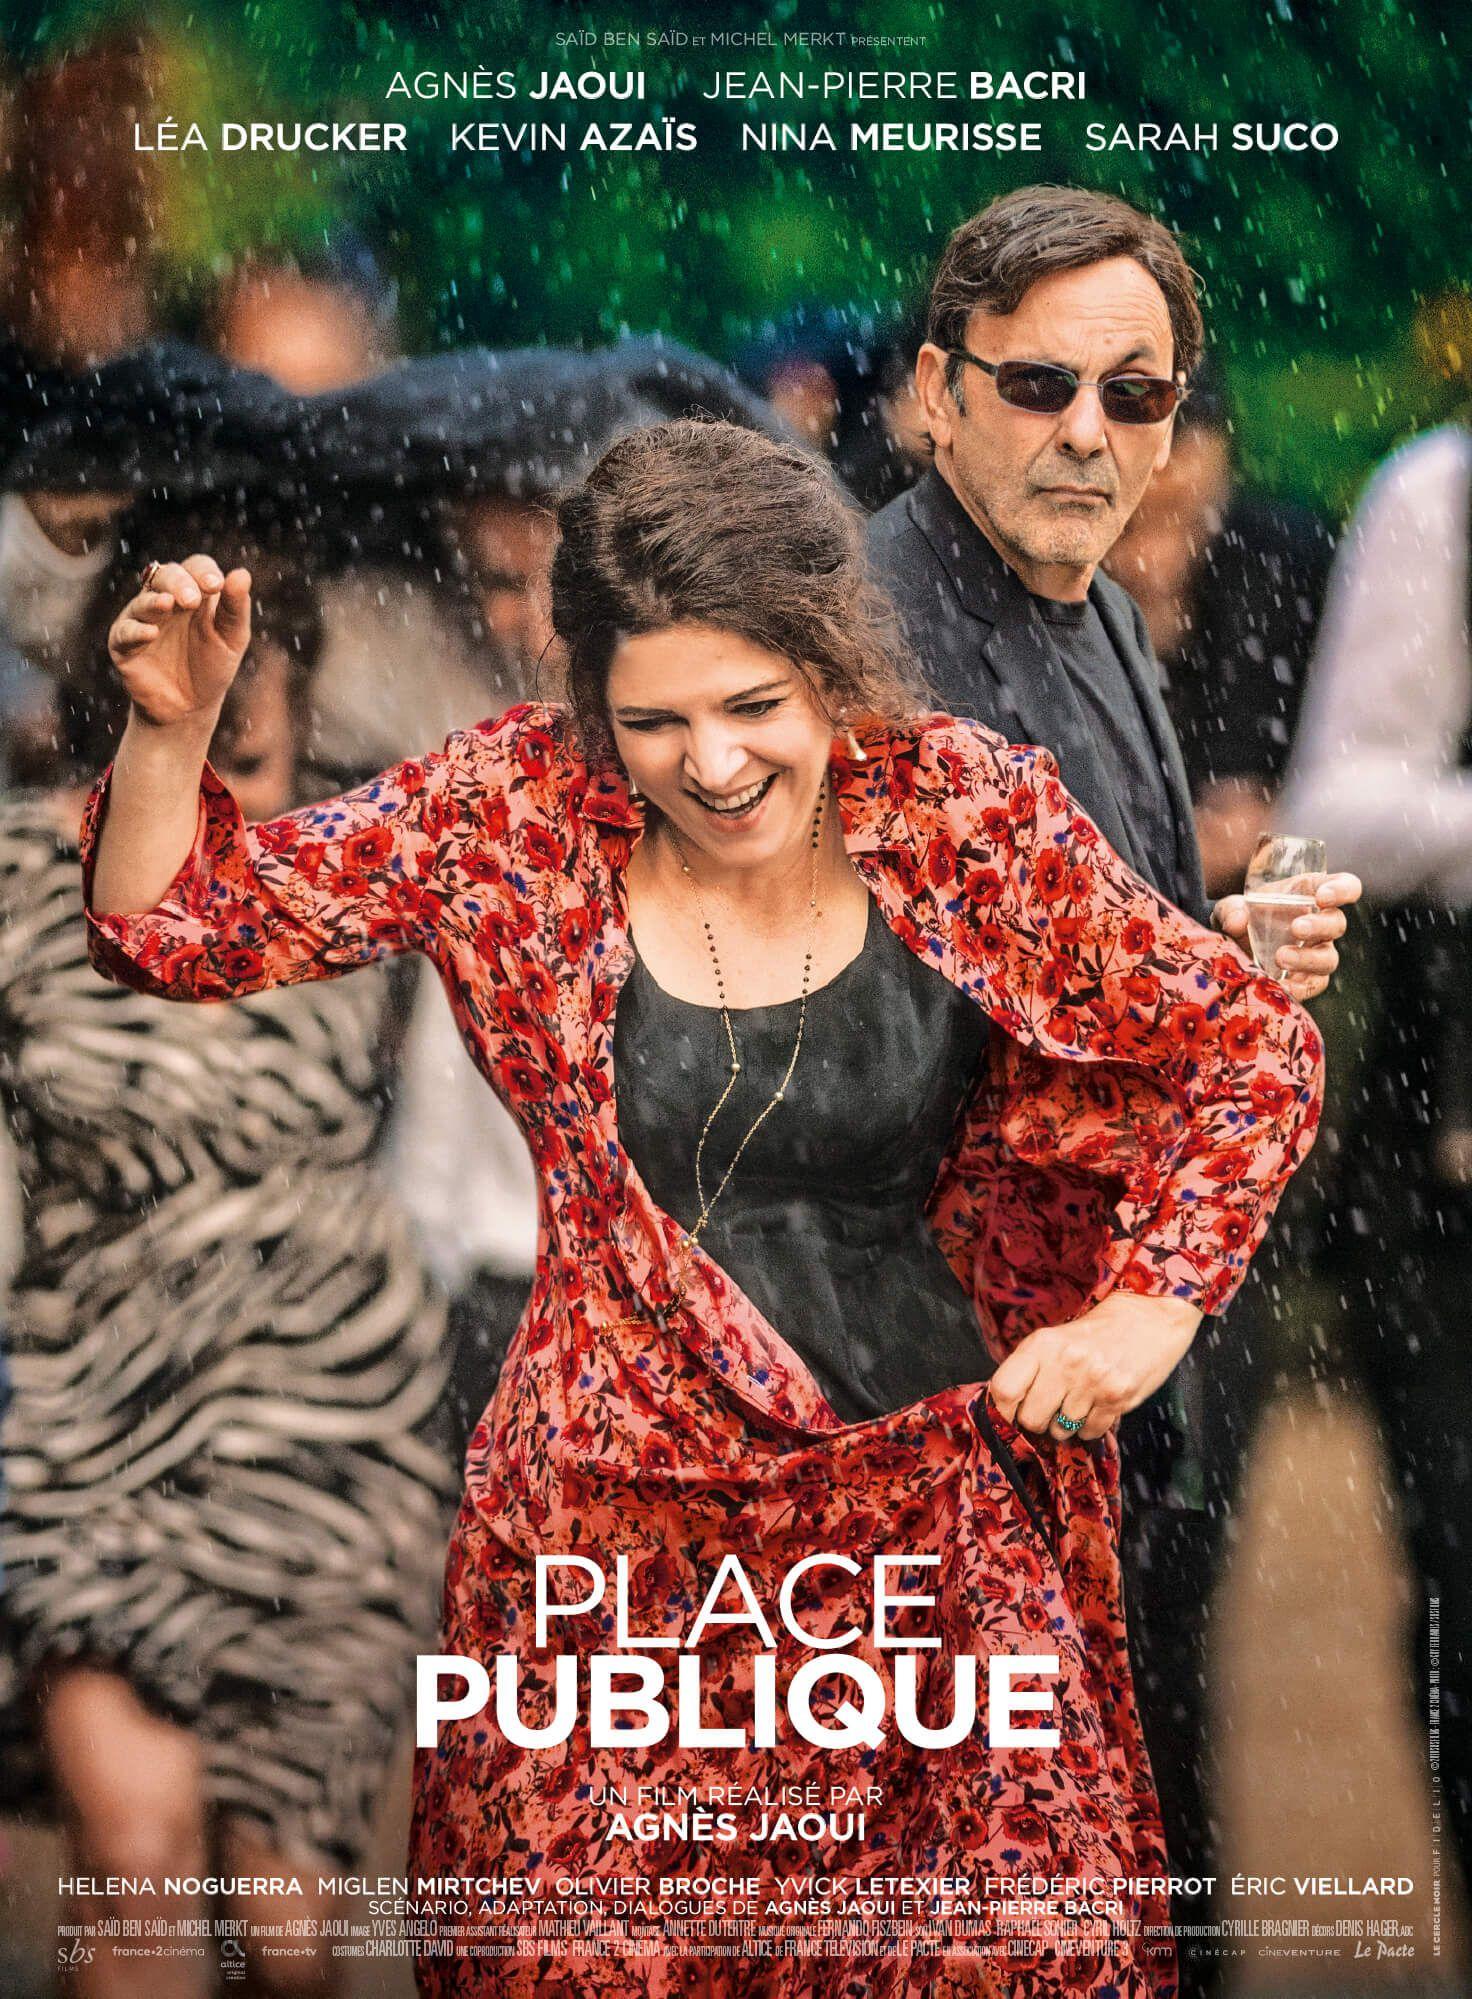 Place publique - Film (2018)